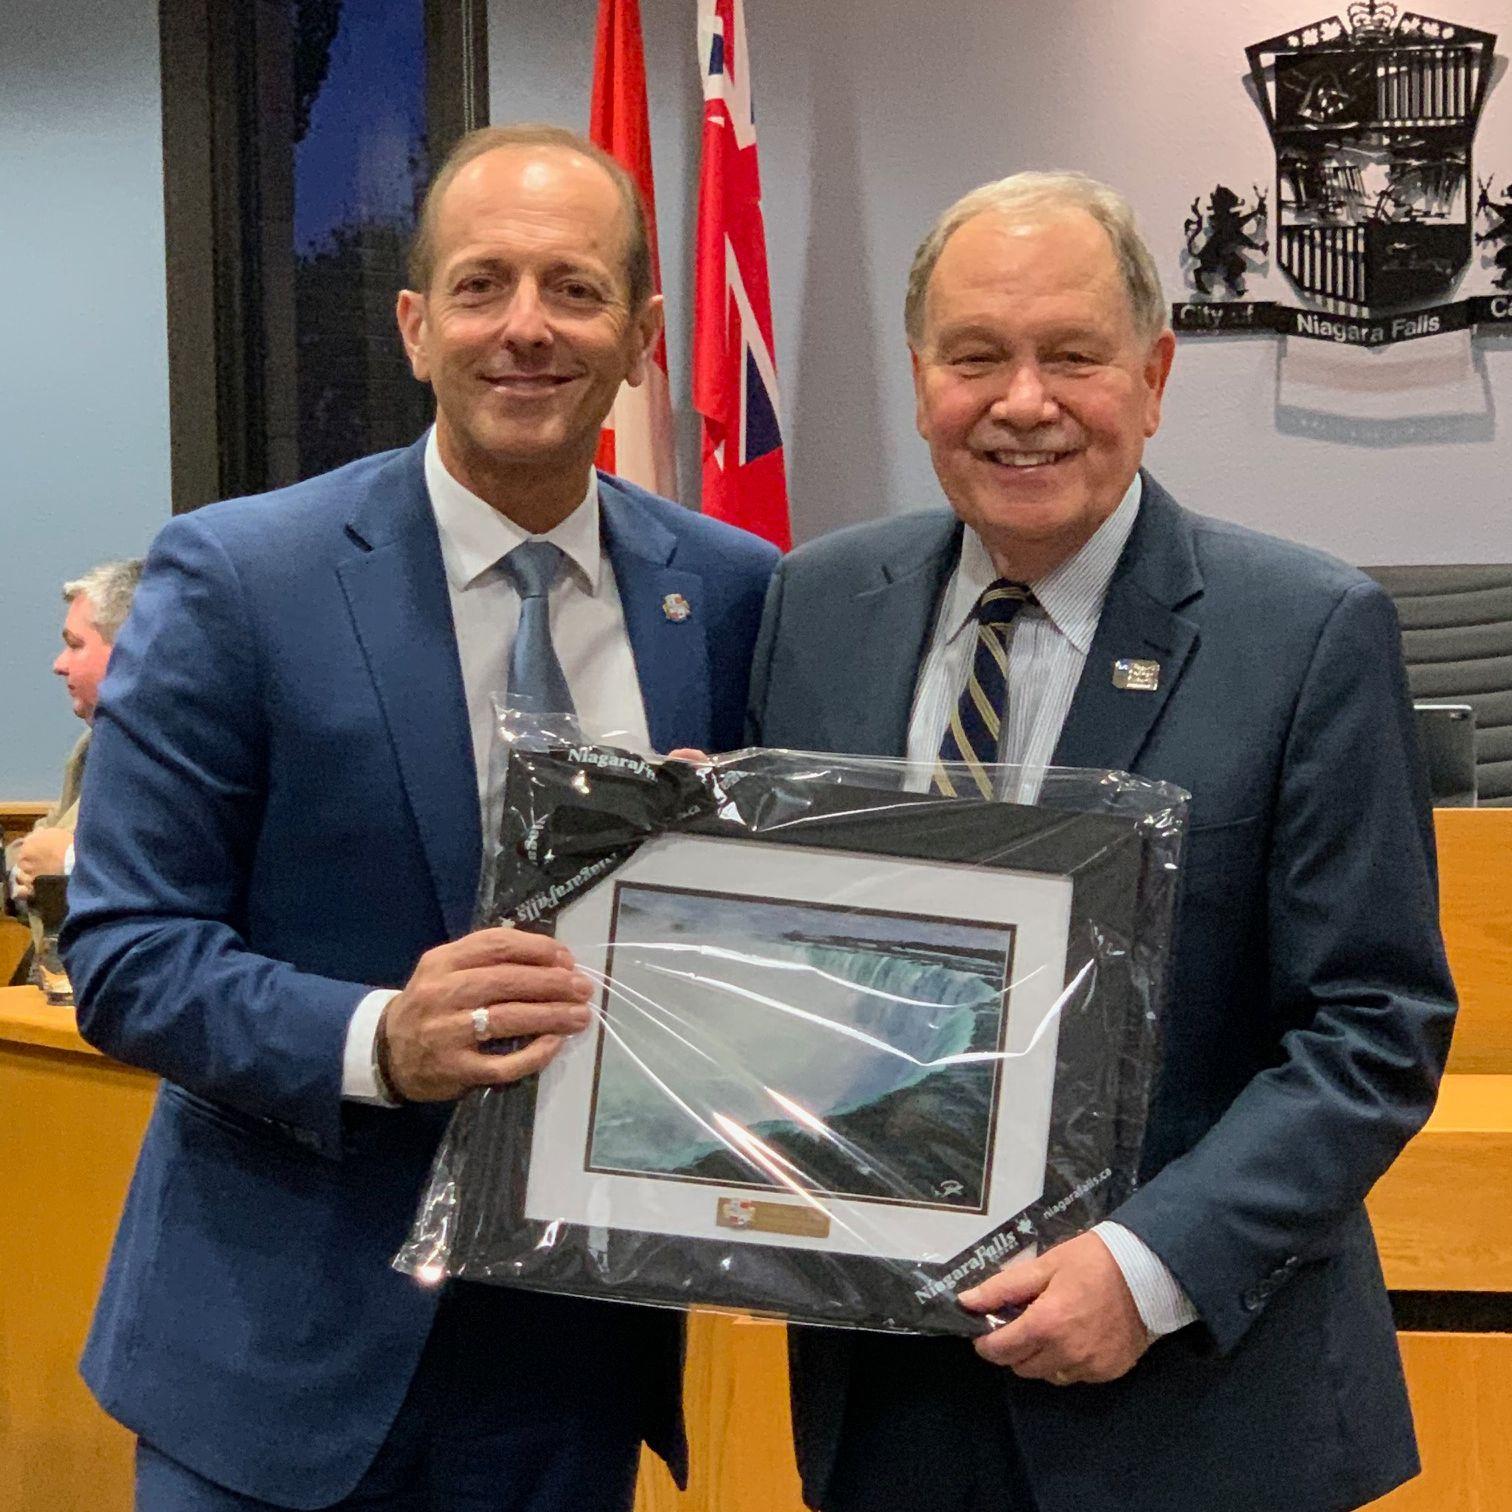 Mayor Jim Diodati and Dan Patterson